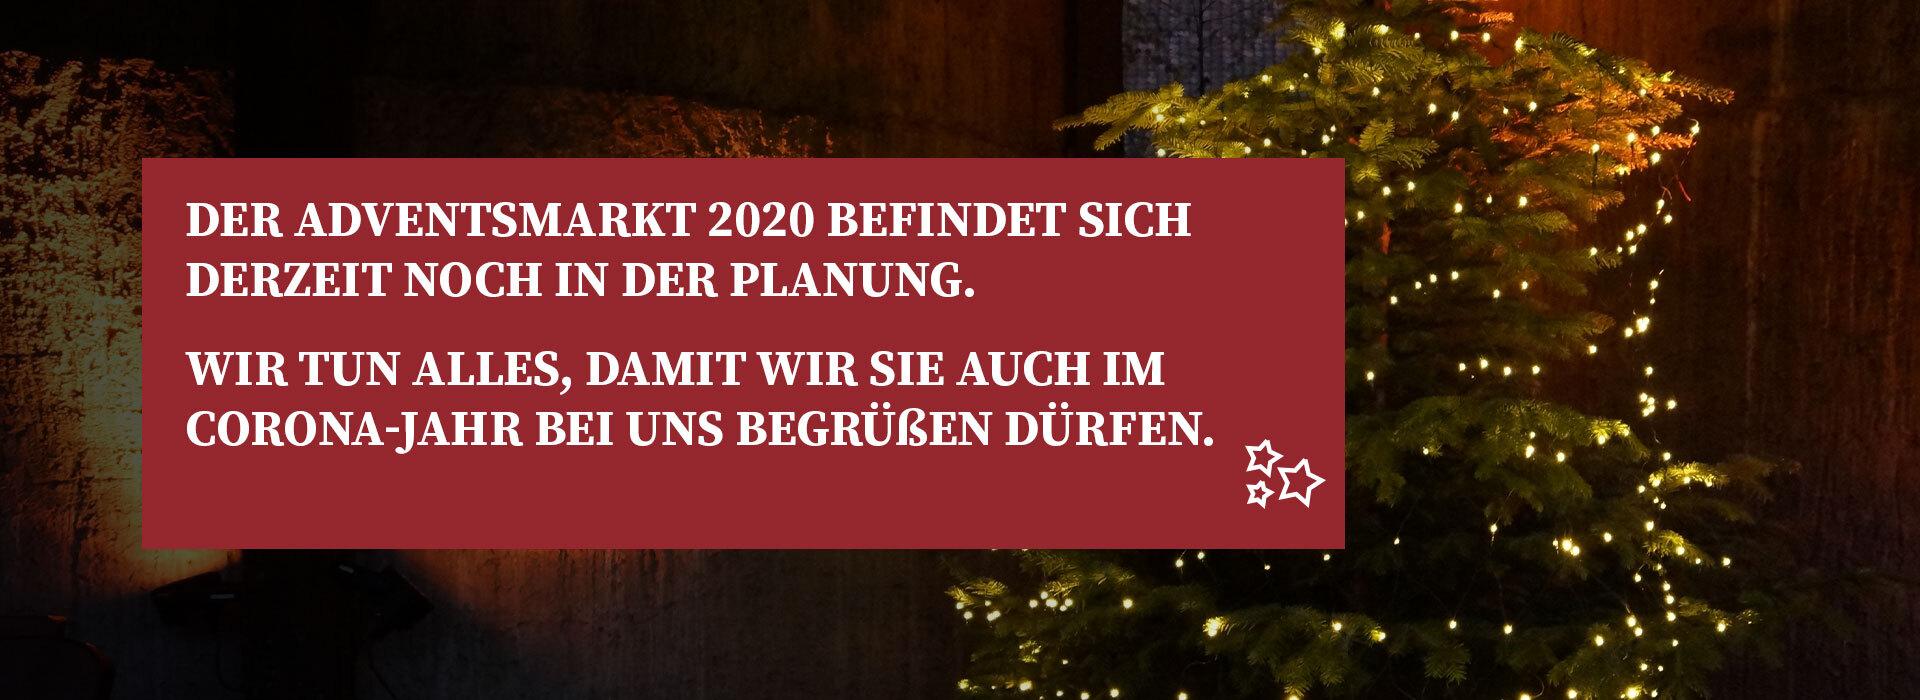 Adventsmarkt 2020 Wöltingerode